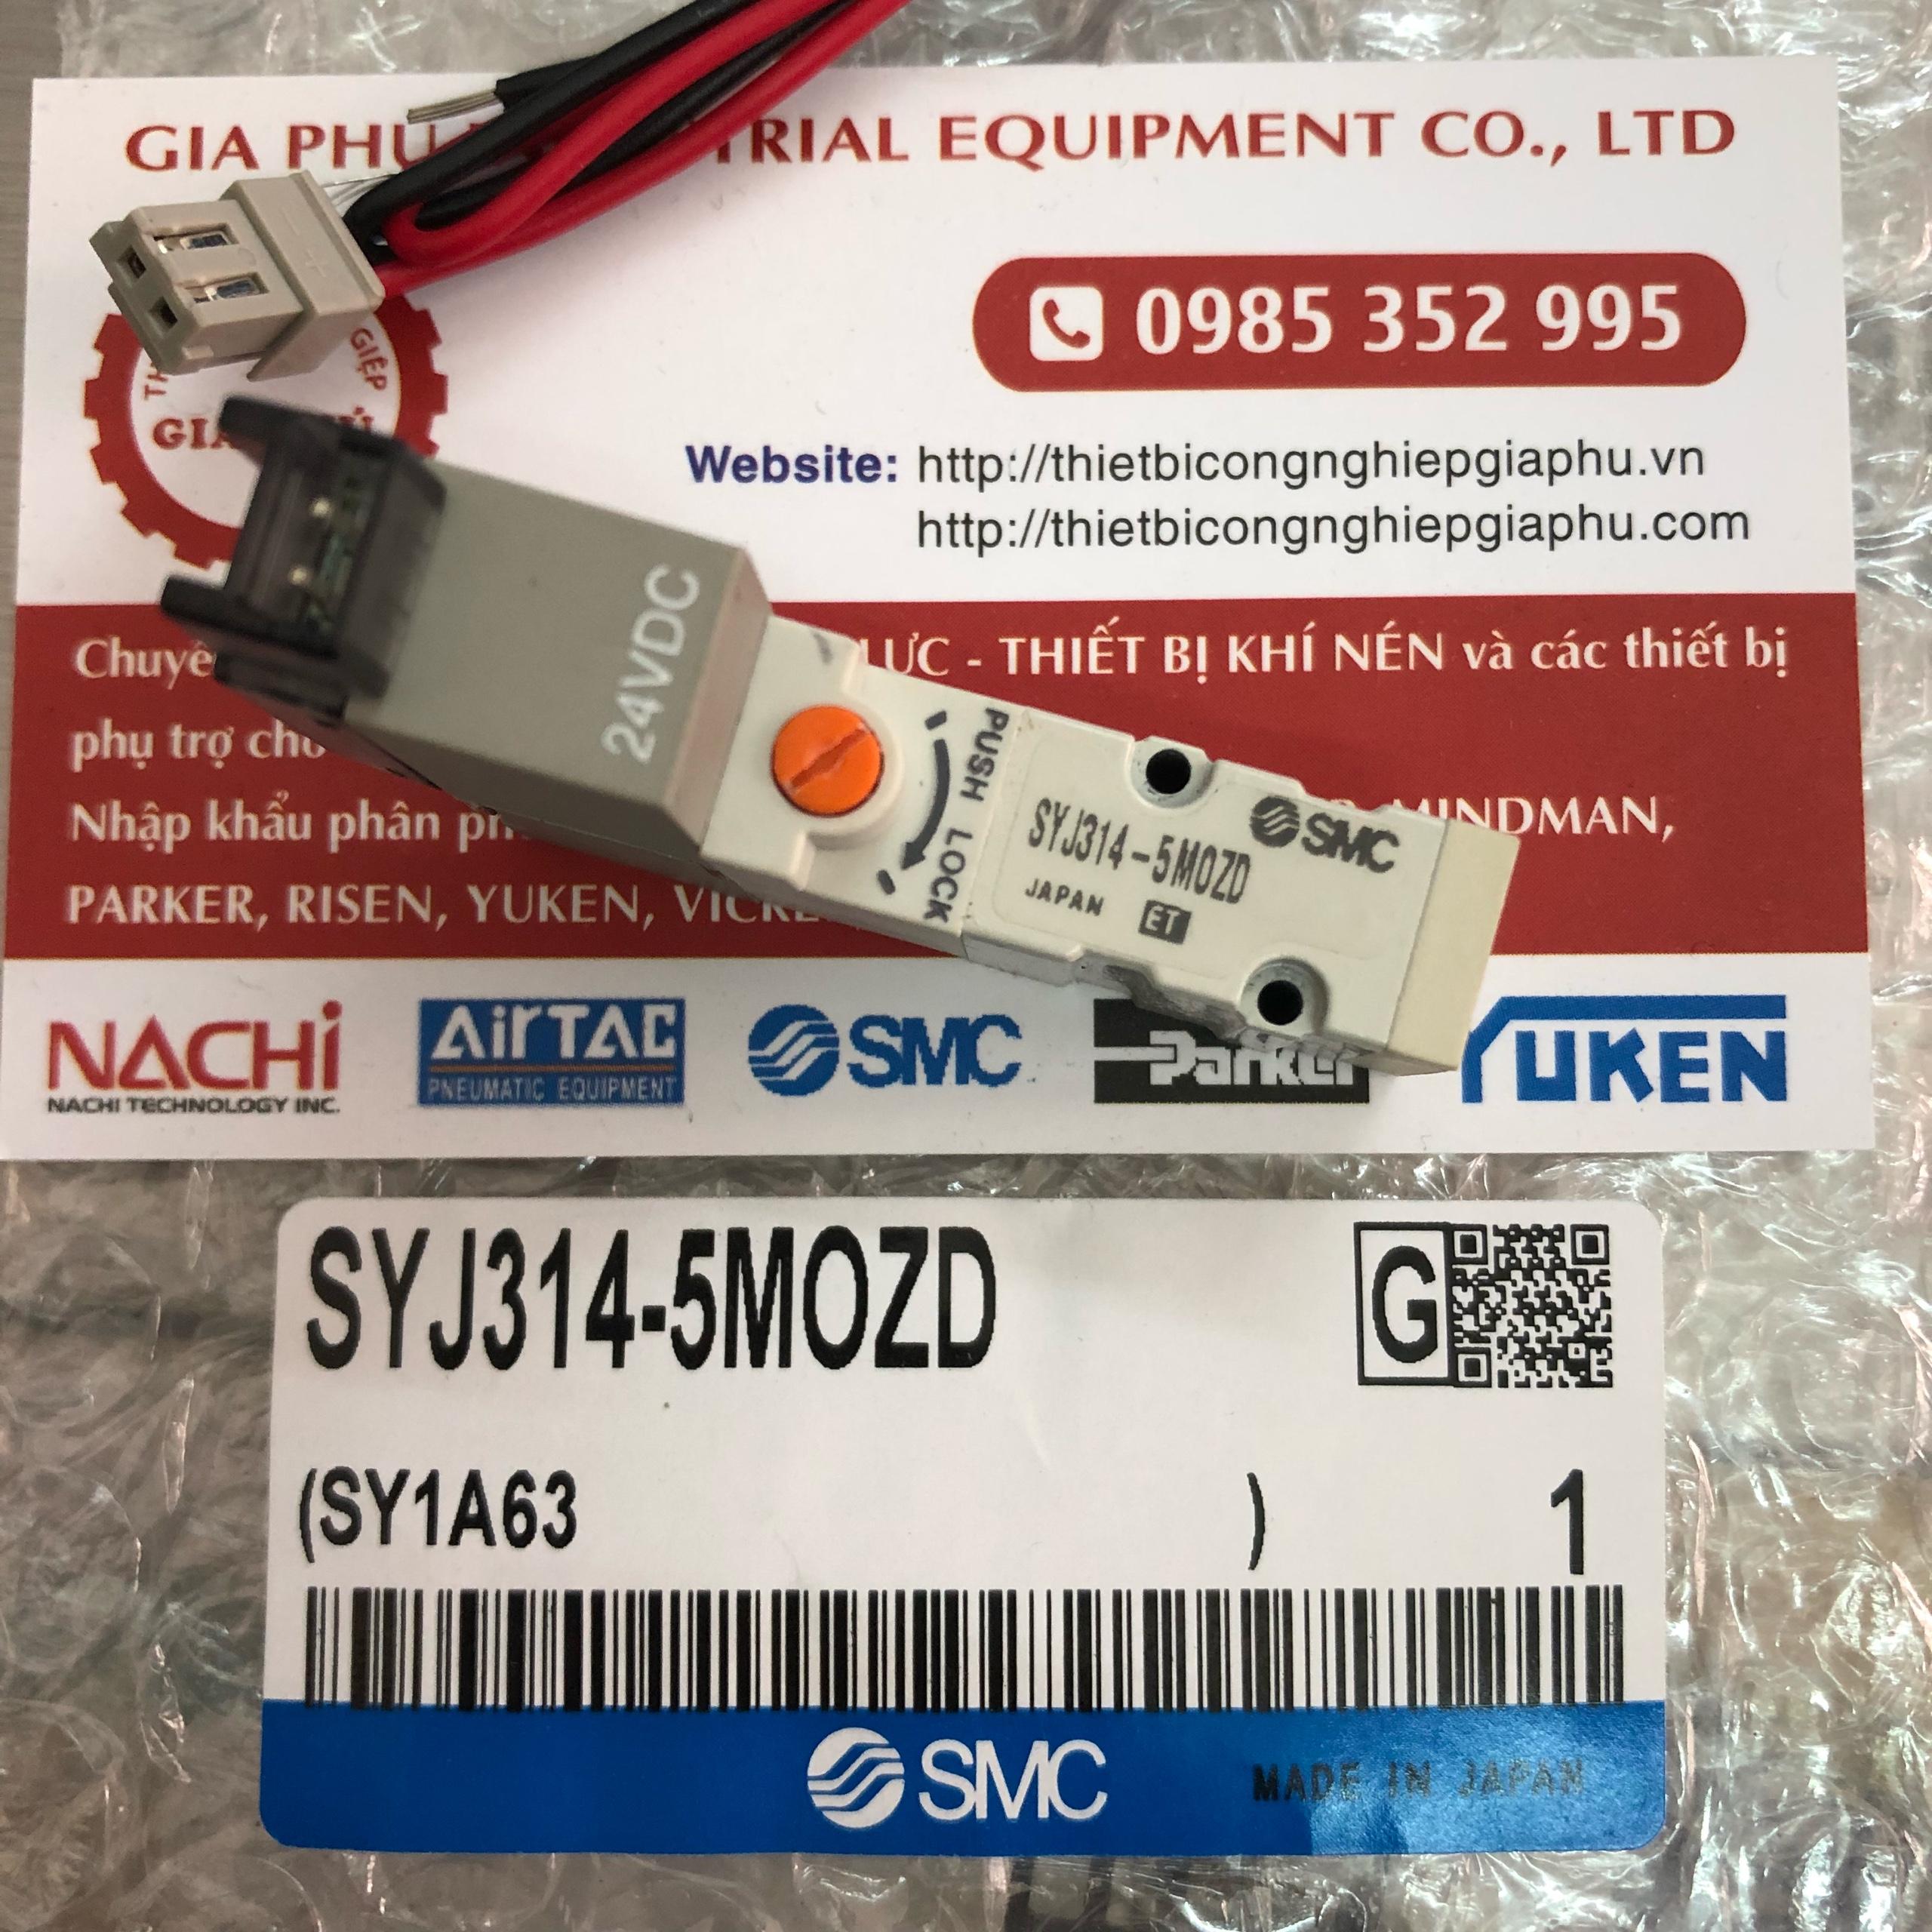 Van Khí SMC SYJ314-5M0ZD